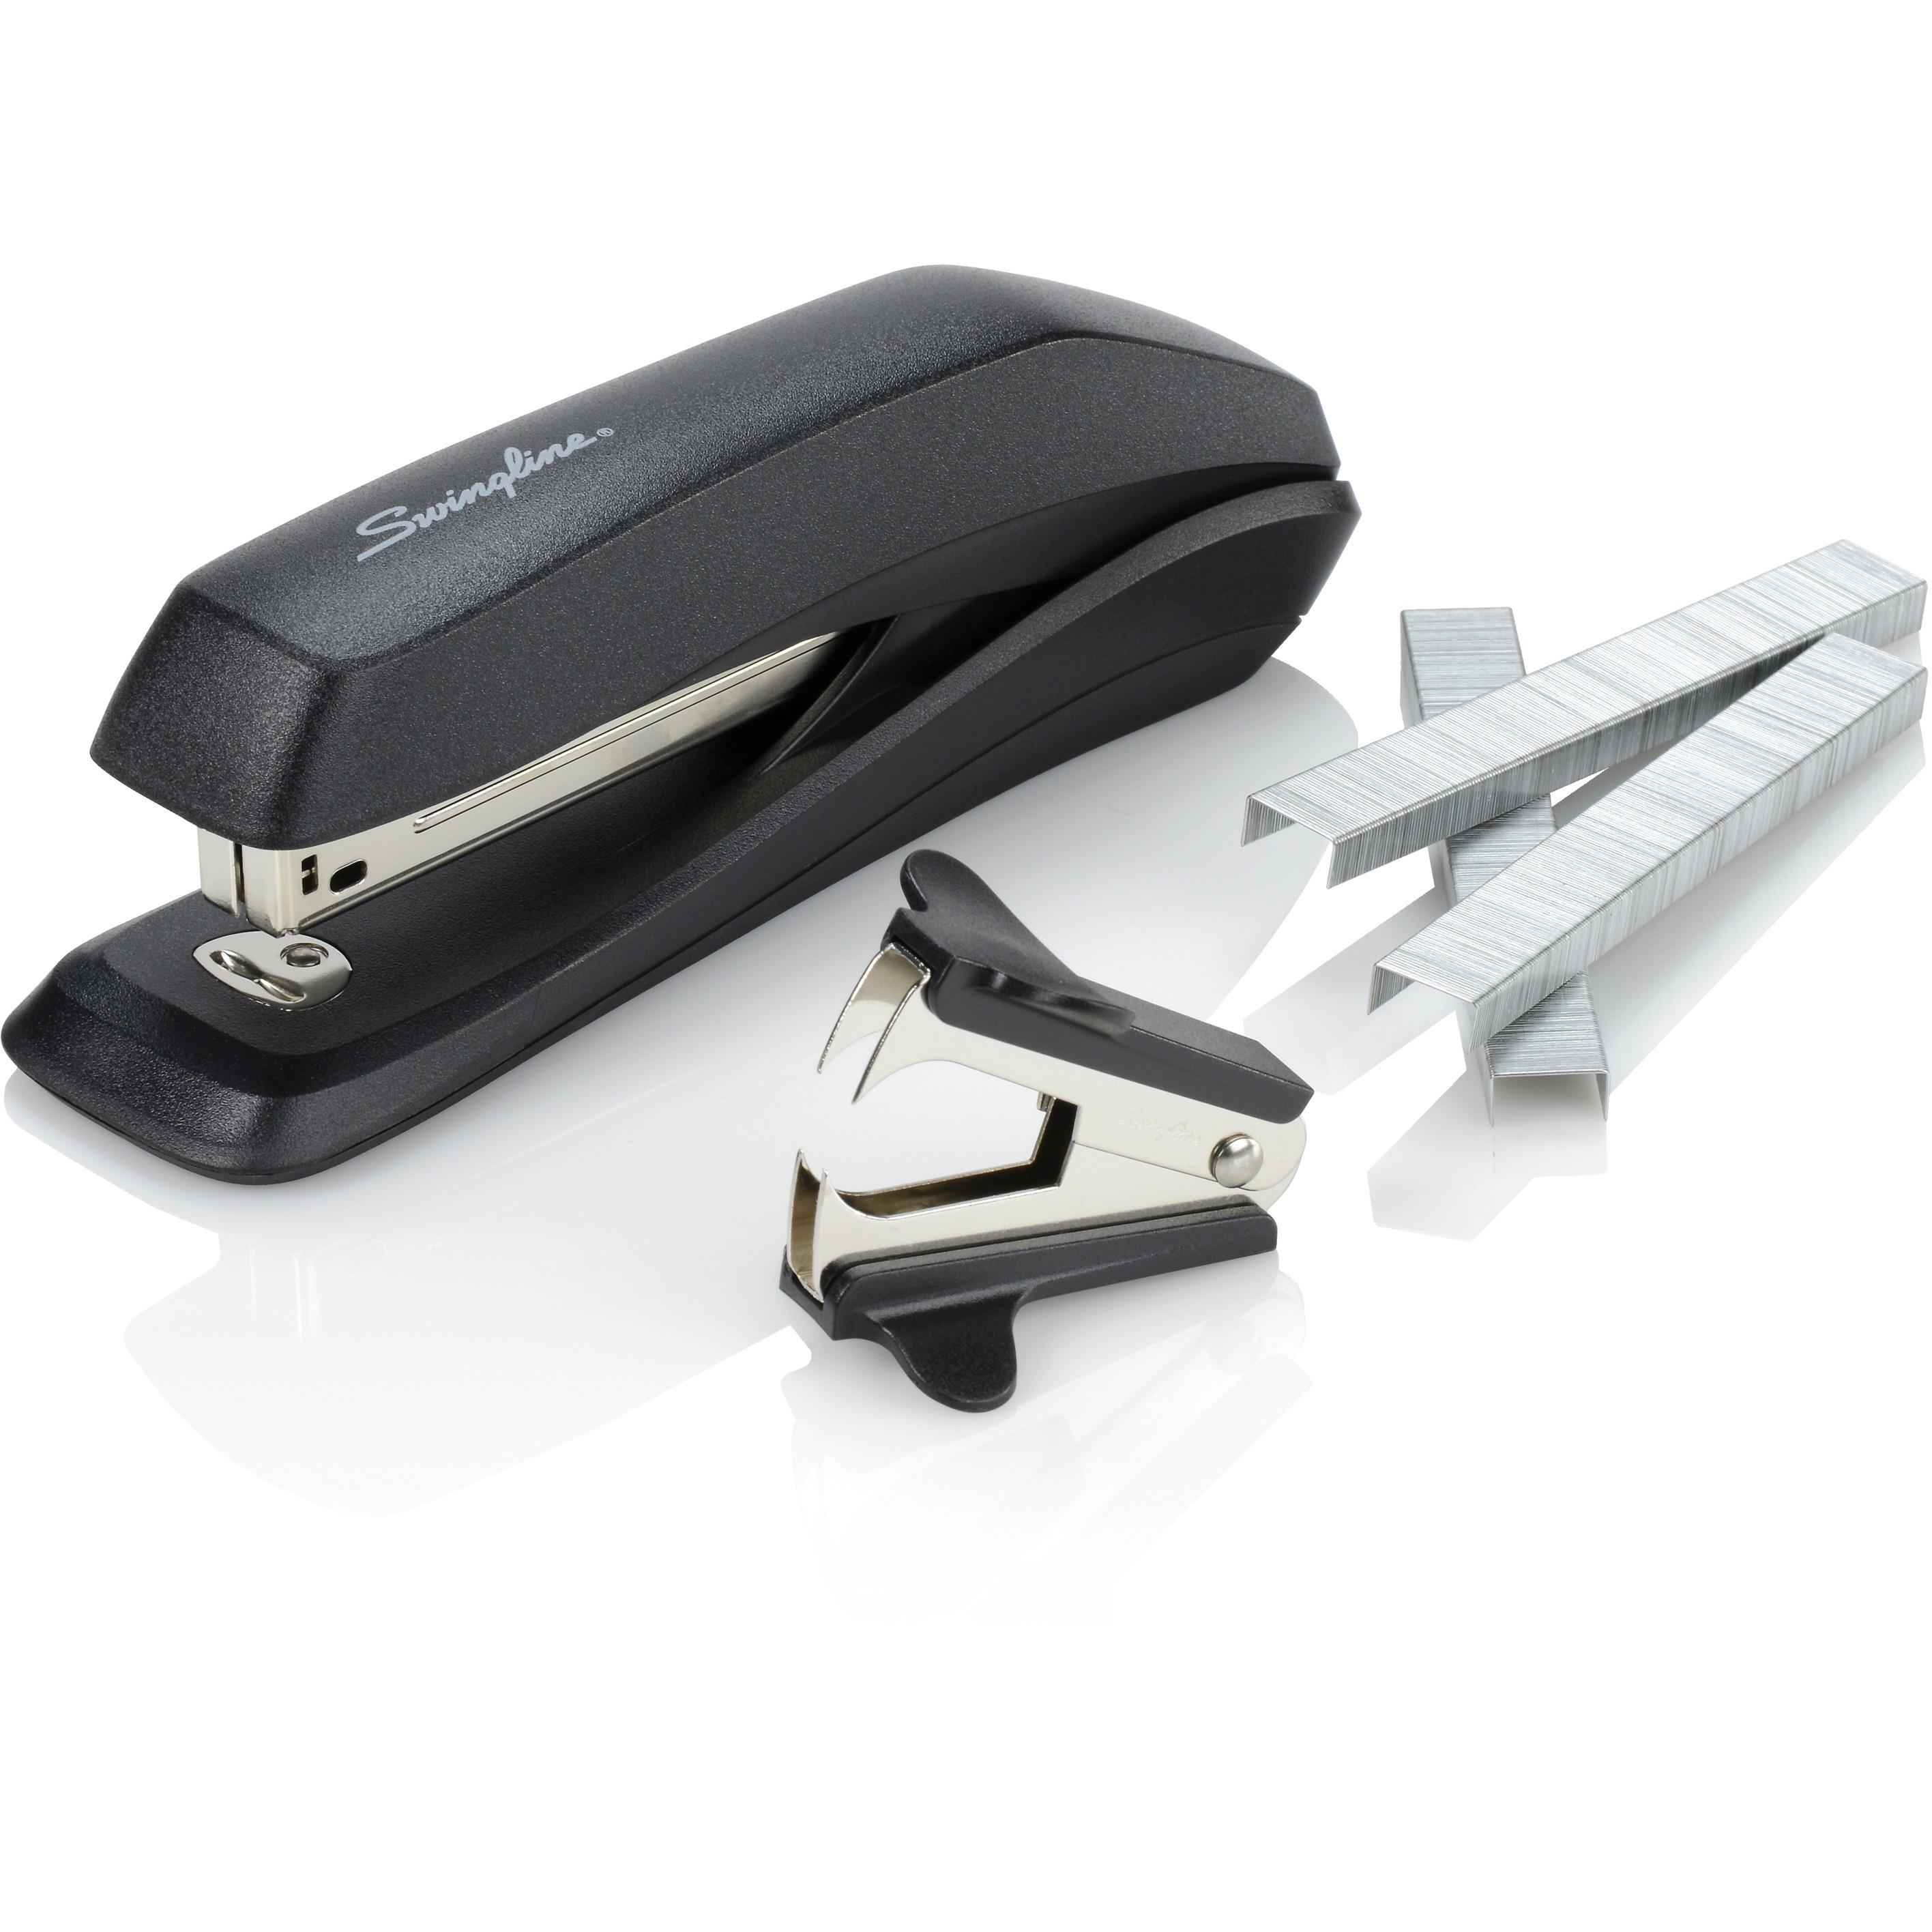 Swingline, SWI54567, Standard Stapler Value Pack, 12 / Pack, Black